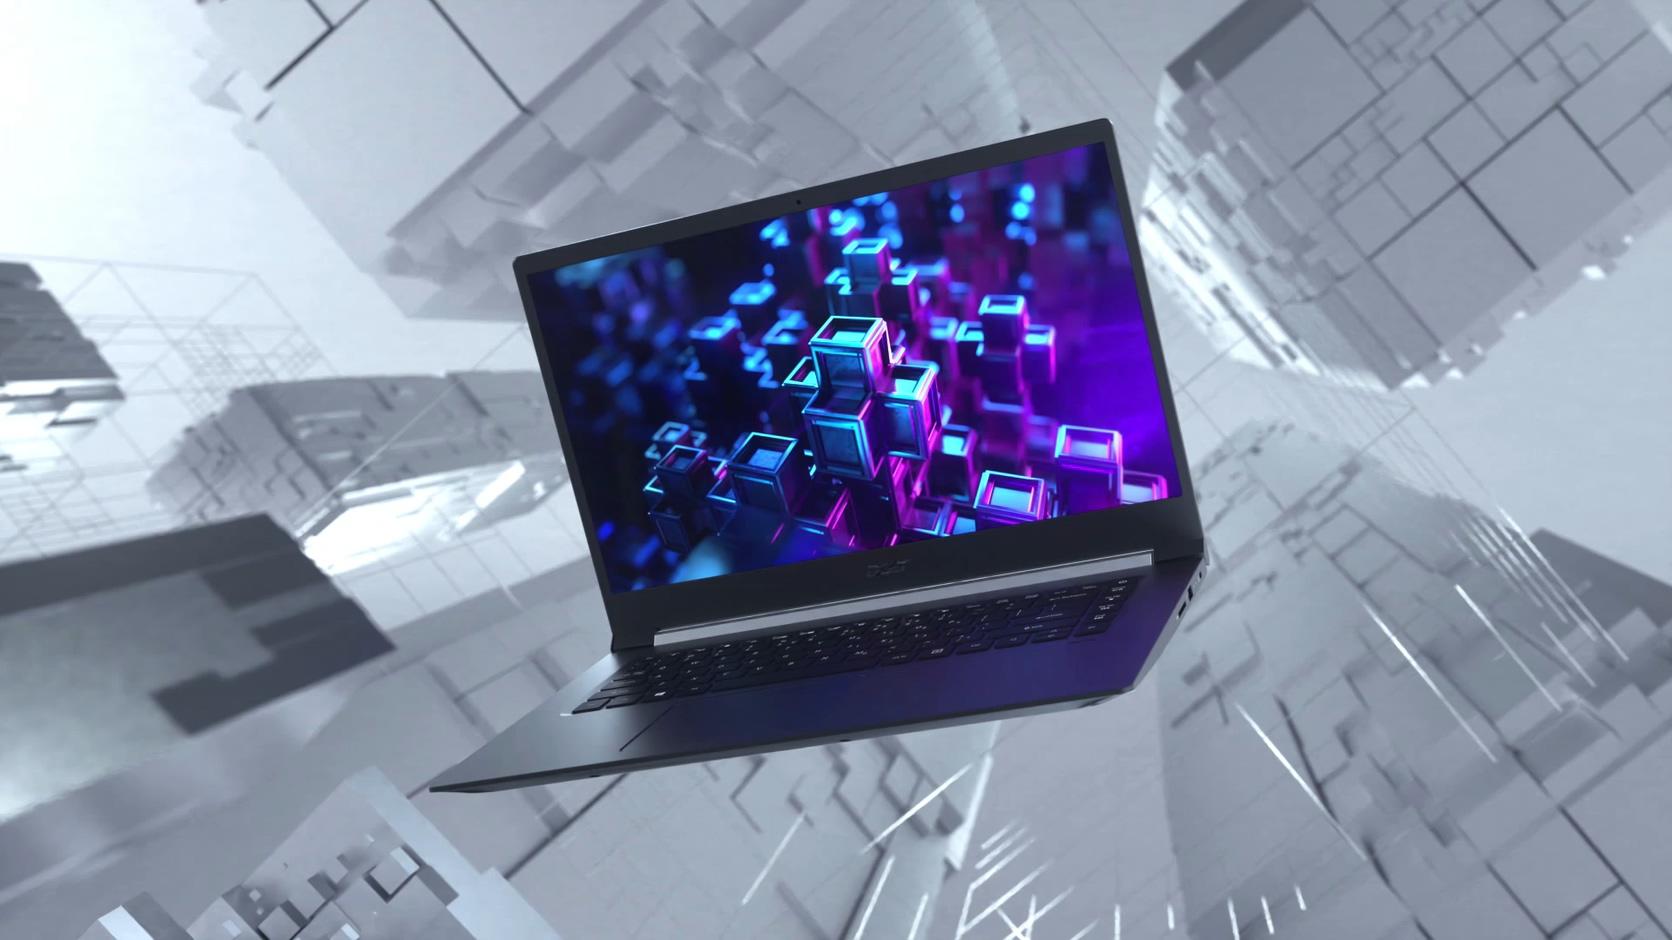 宏碁ACER笔记本亮白质感BOX隧道时空场景空间芯片电路板